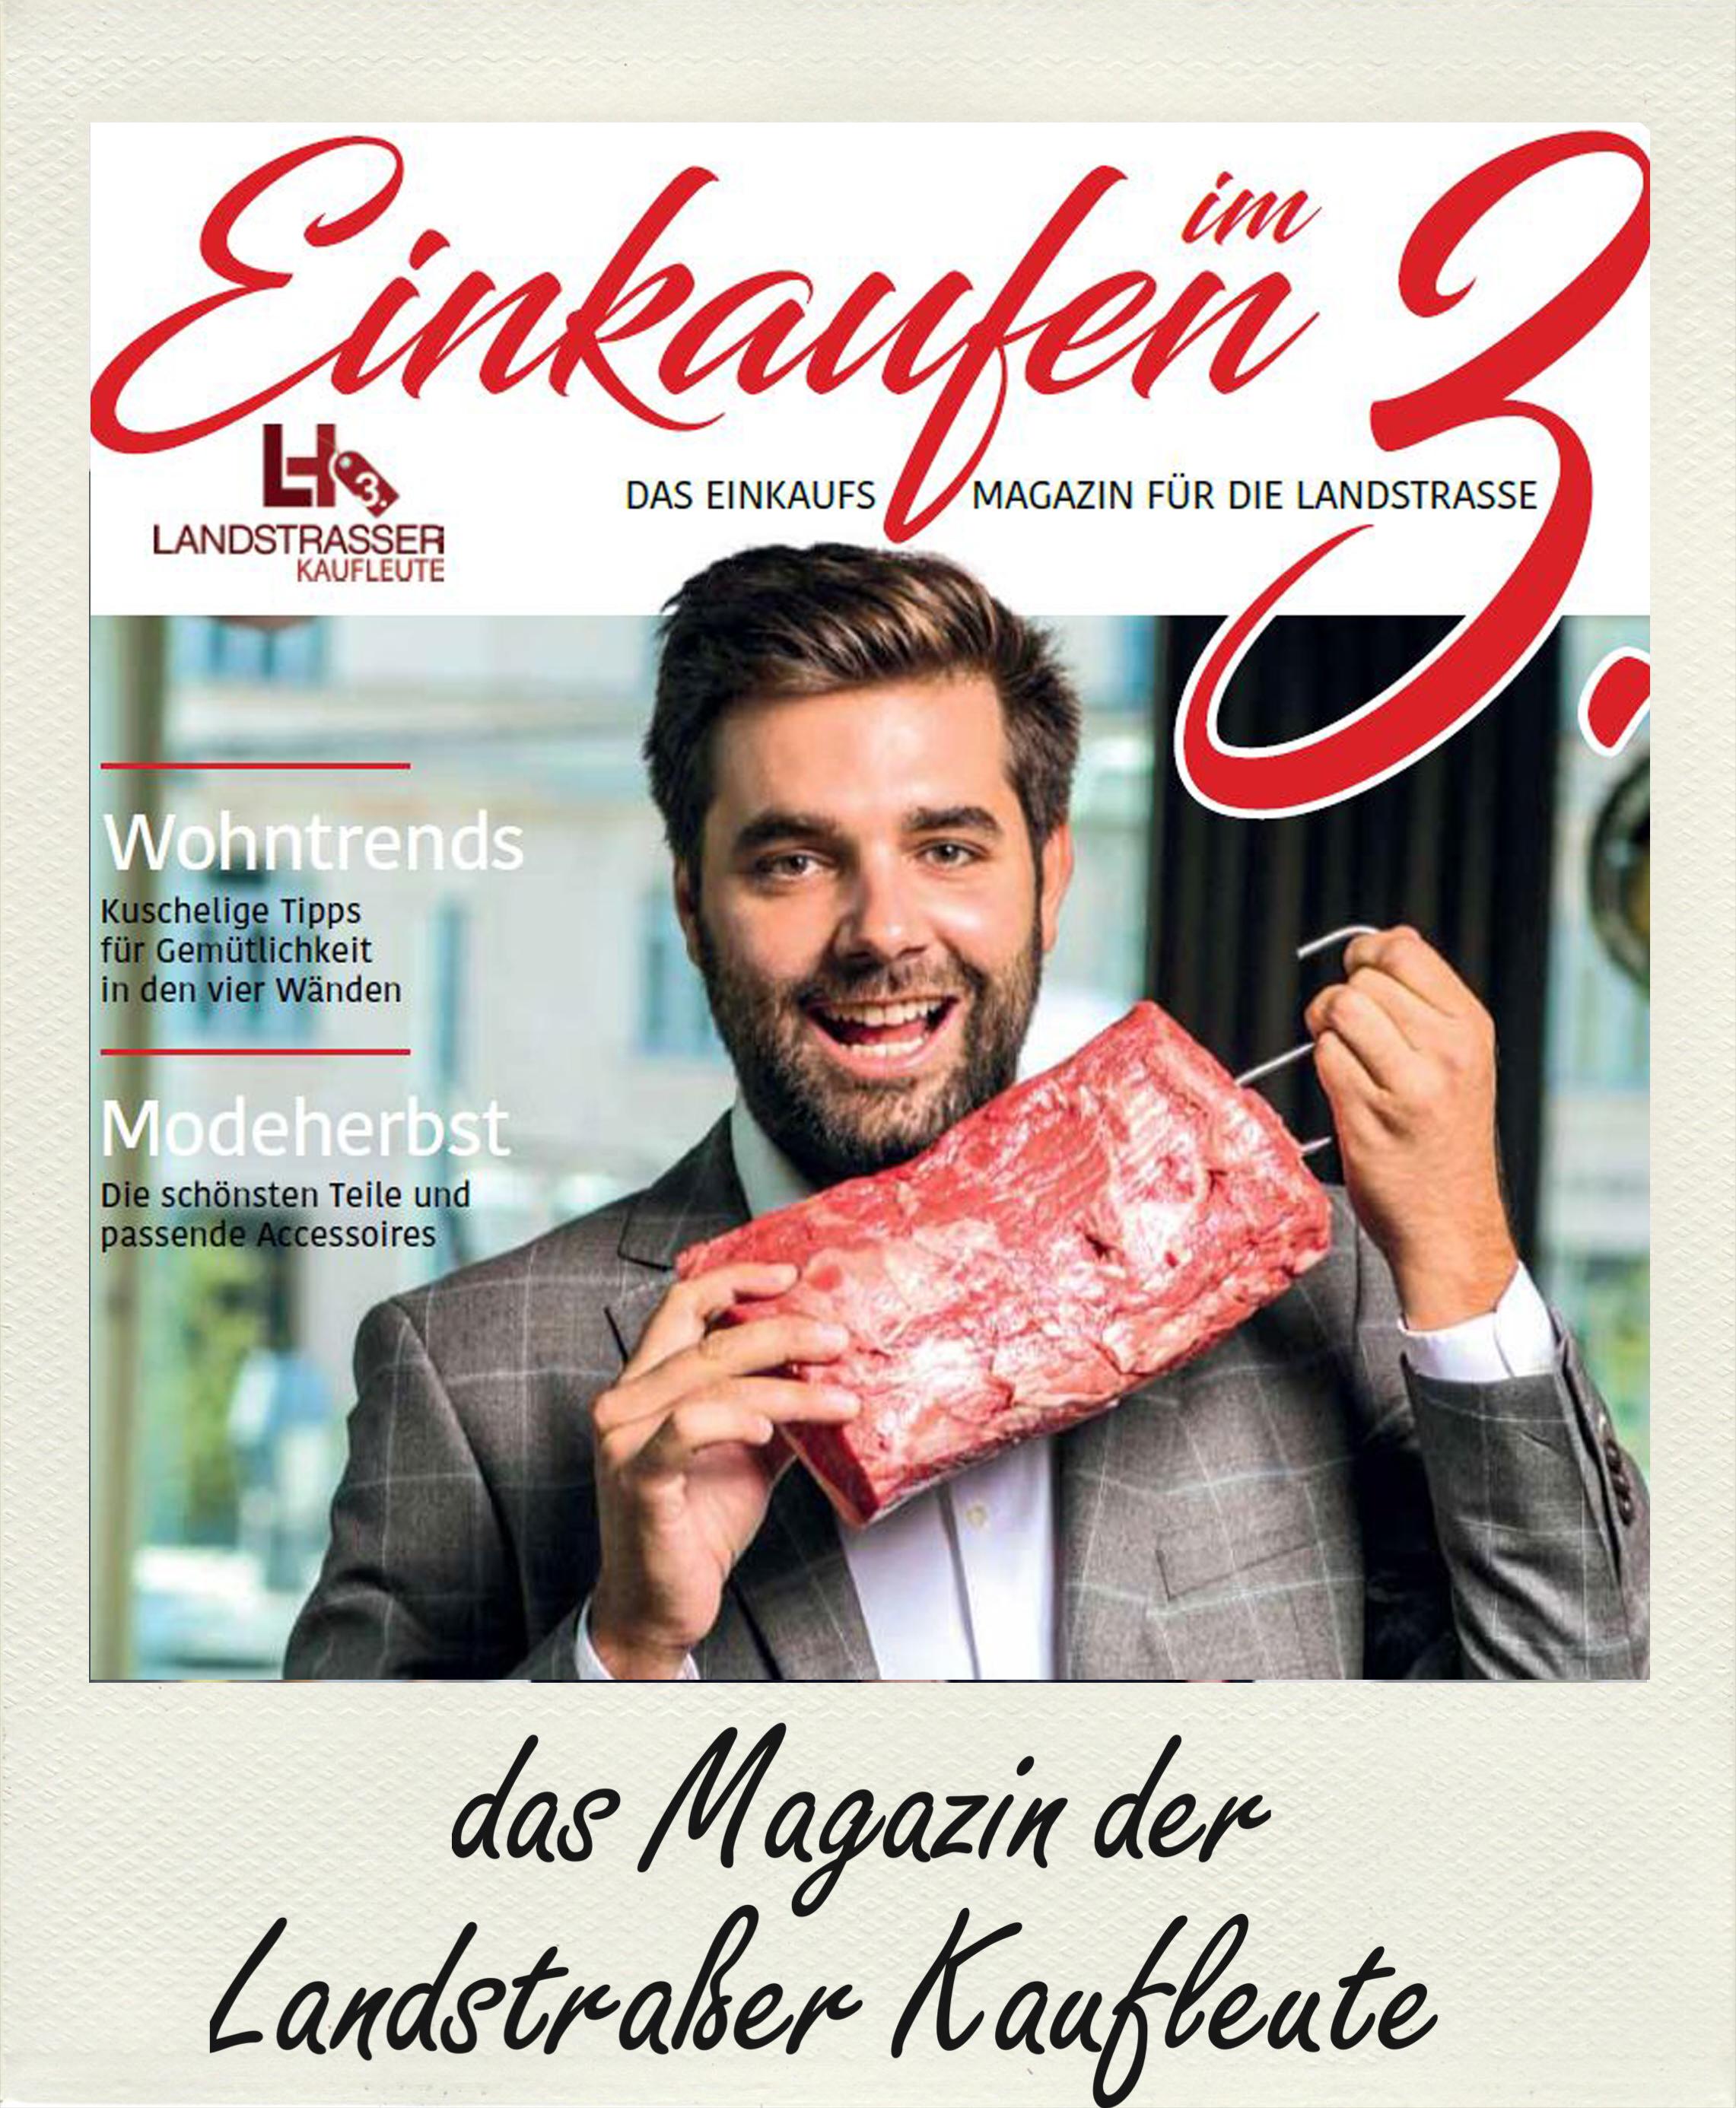 LH3.at Einkaufen im 3ten das Magazin der Landstraßer Kaufleute